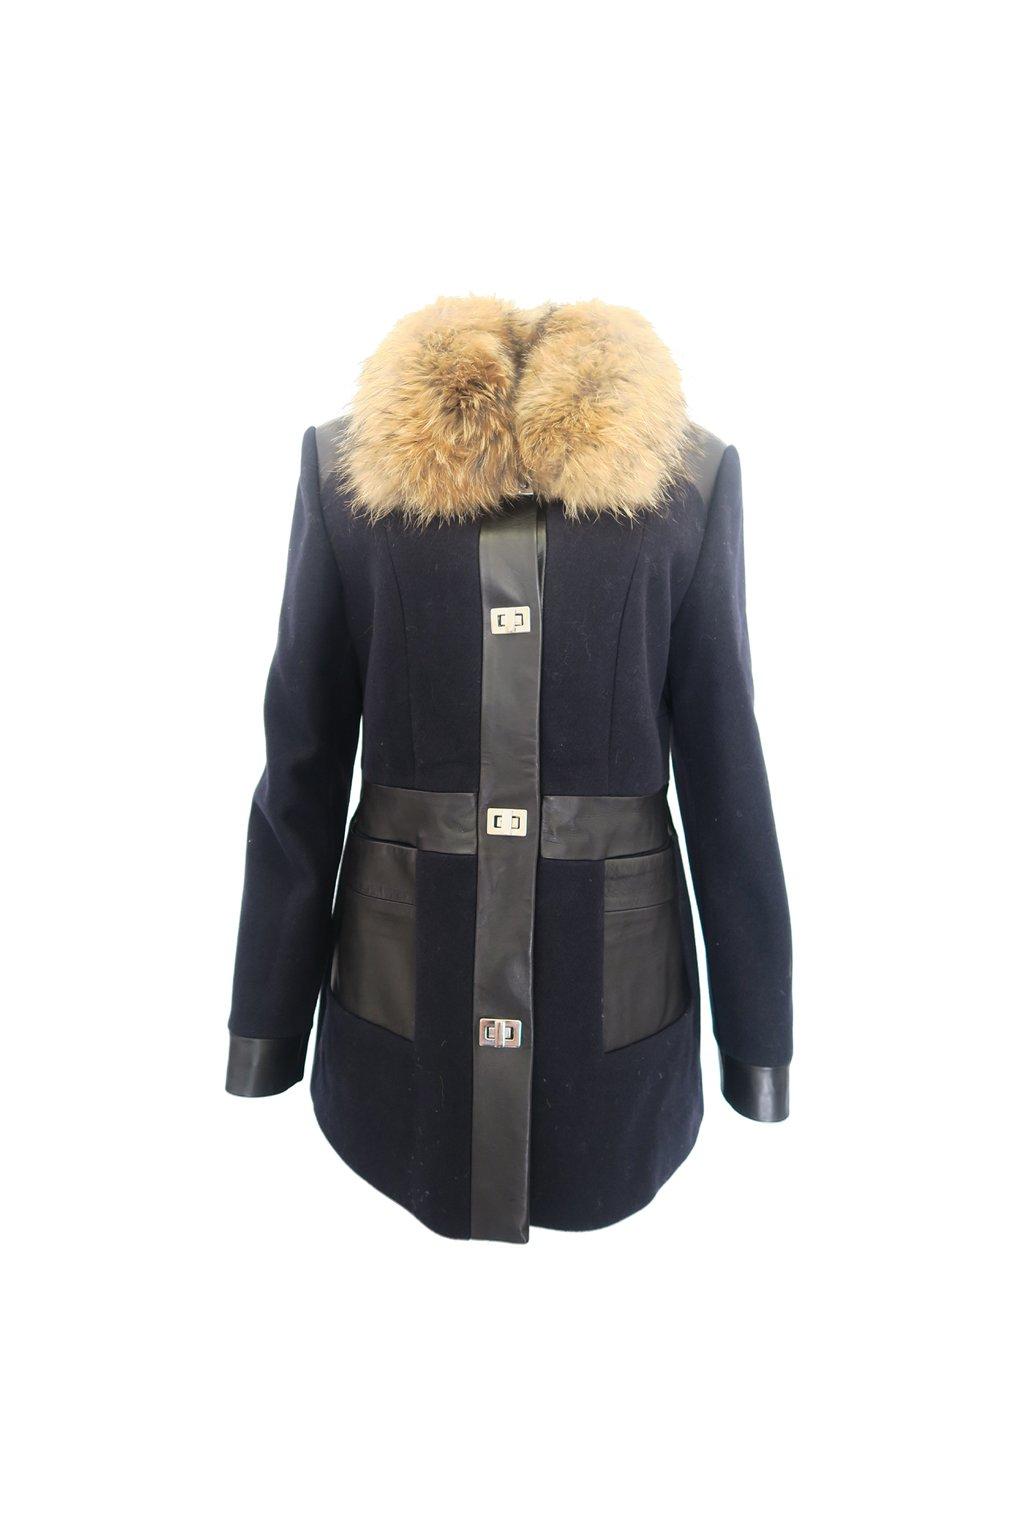 Kožíškový kabátek Giorgio di Mare